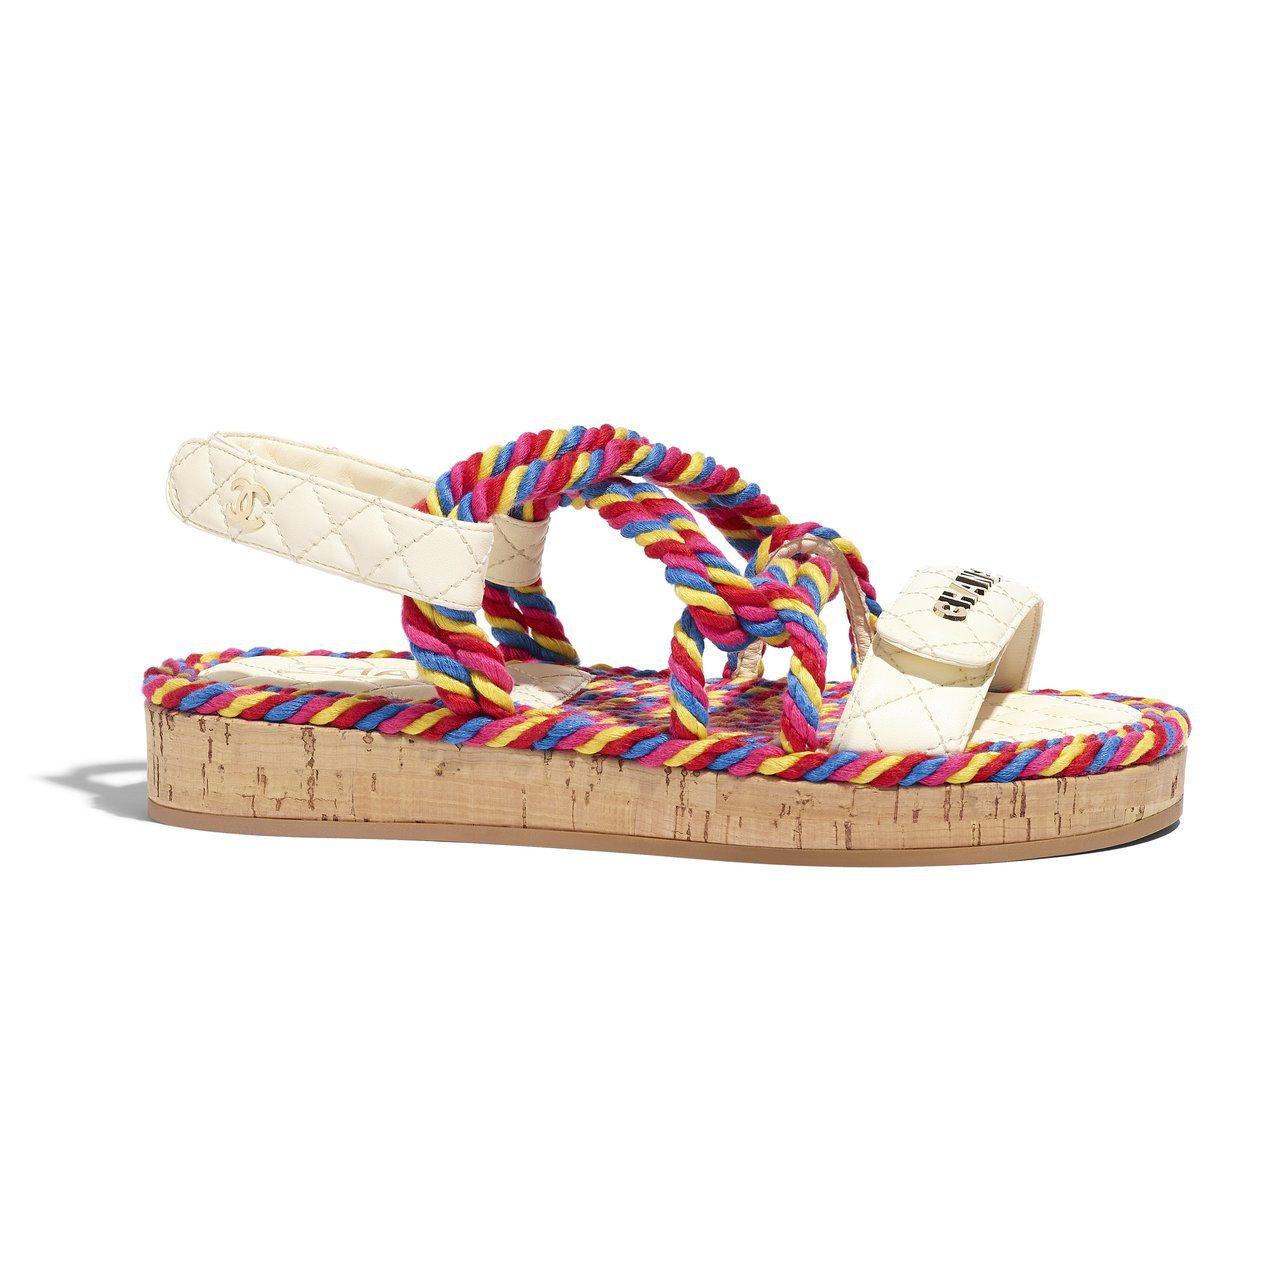 彩色繩結交織皮革軟木底涼鞋,37,000元。圖/香奈兒提供